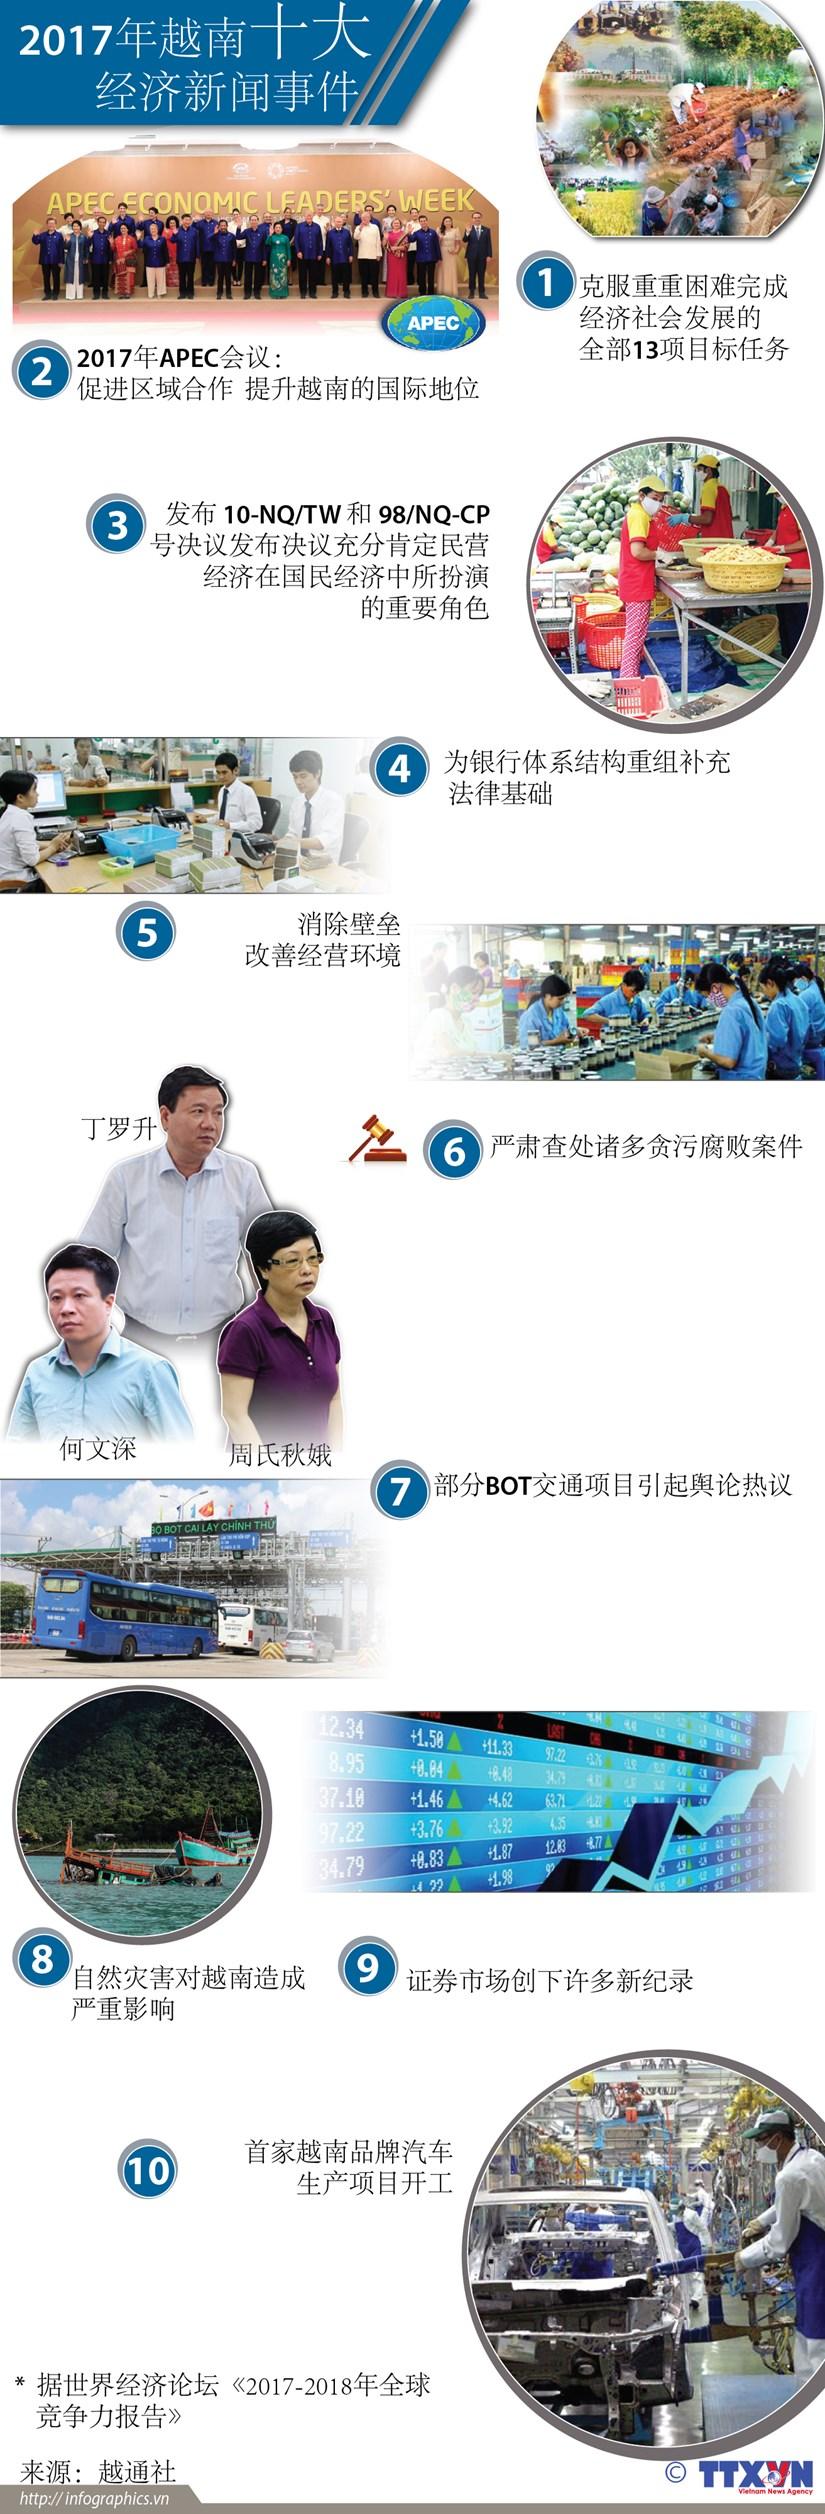 图表新闻:2017年越南十大经济新闻事件 hinh anh 1